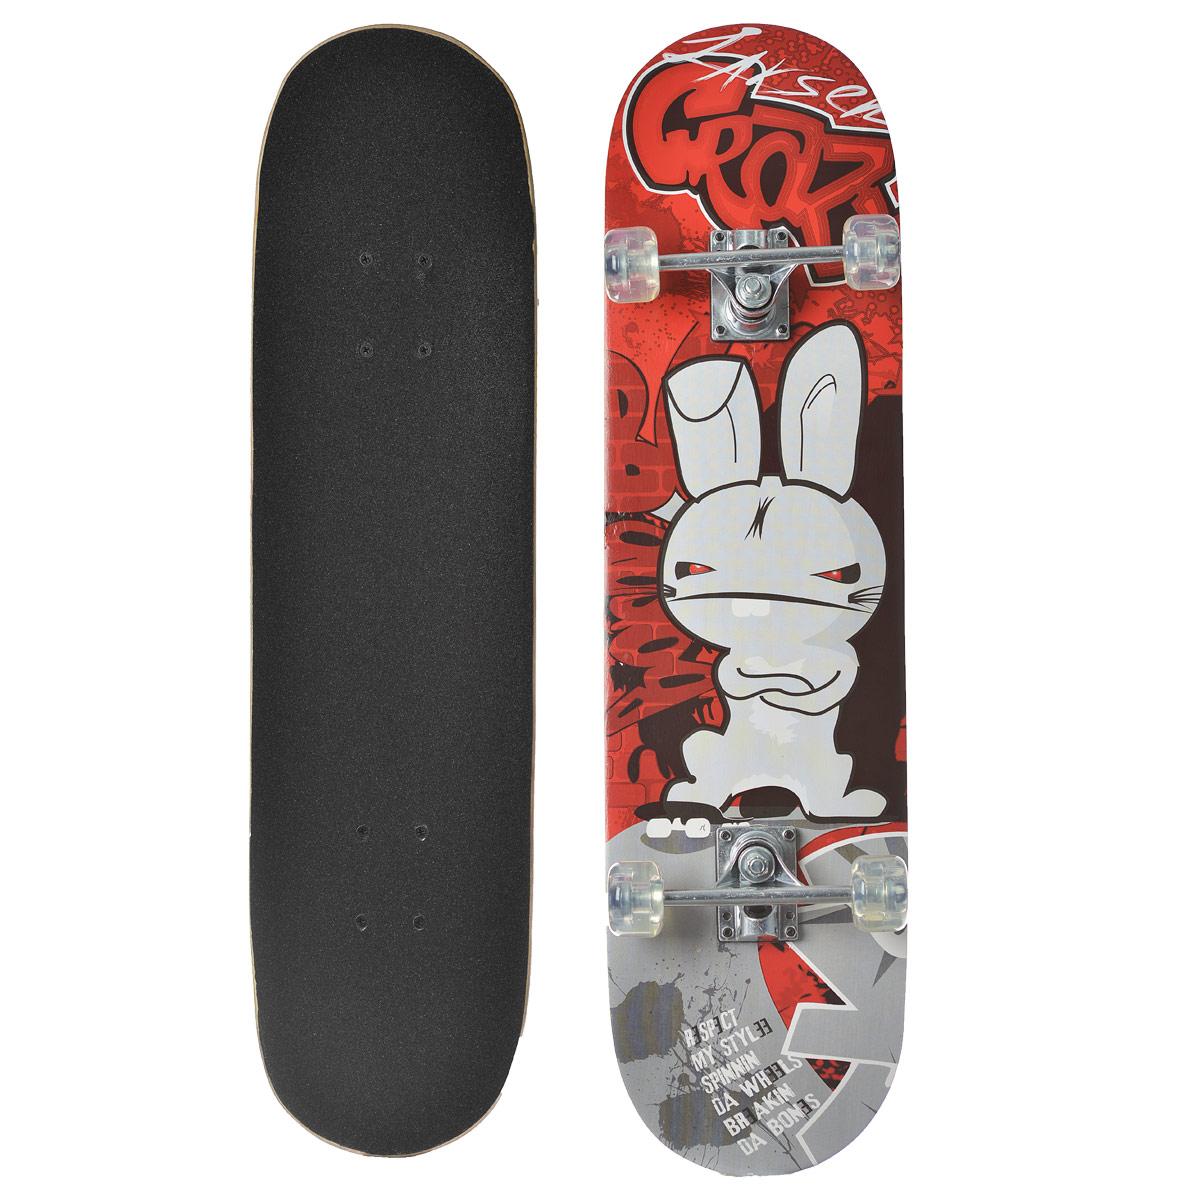 Скейтборд Larsen, дека 79 см х 20 см. SB-1333752Скейтборд Larsen - отличный выбор для начинающих и опытных скейтбордистов, а также для людей, любящих активно проводить время. Скейтборд изготовлен из натурального китайского клена, имеет прочную алюминиевую подвеску.В последнее время экстремальные виды спорта, такие как катание на скейтборде, становятся очень популярными. Скейтбординг - это зрелищный и экстремальный вид спорта, представляющий собой катание на роликовой доске с преодолением препятствий и выполнением различных трюков.